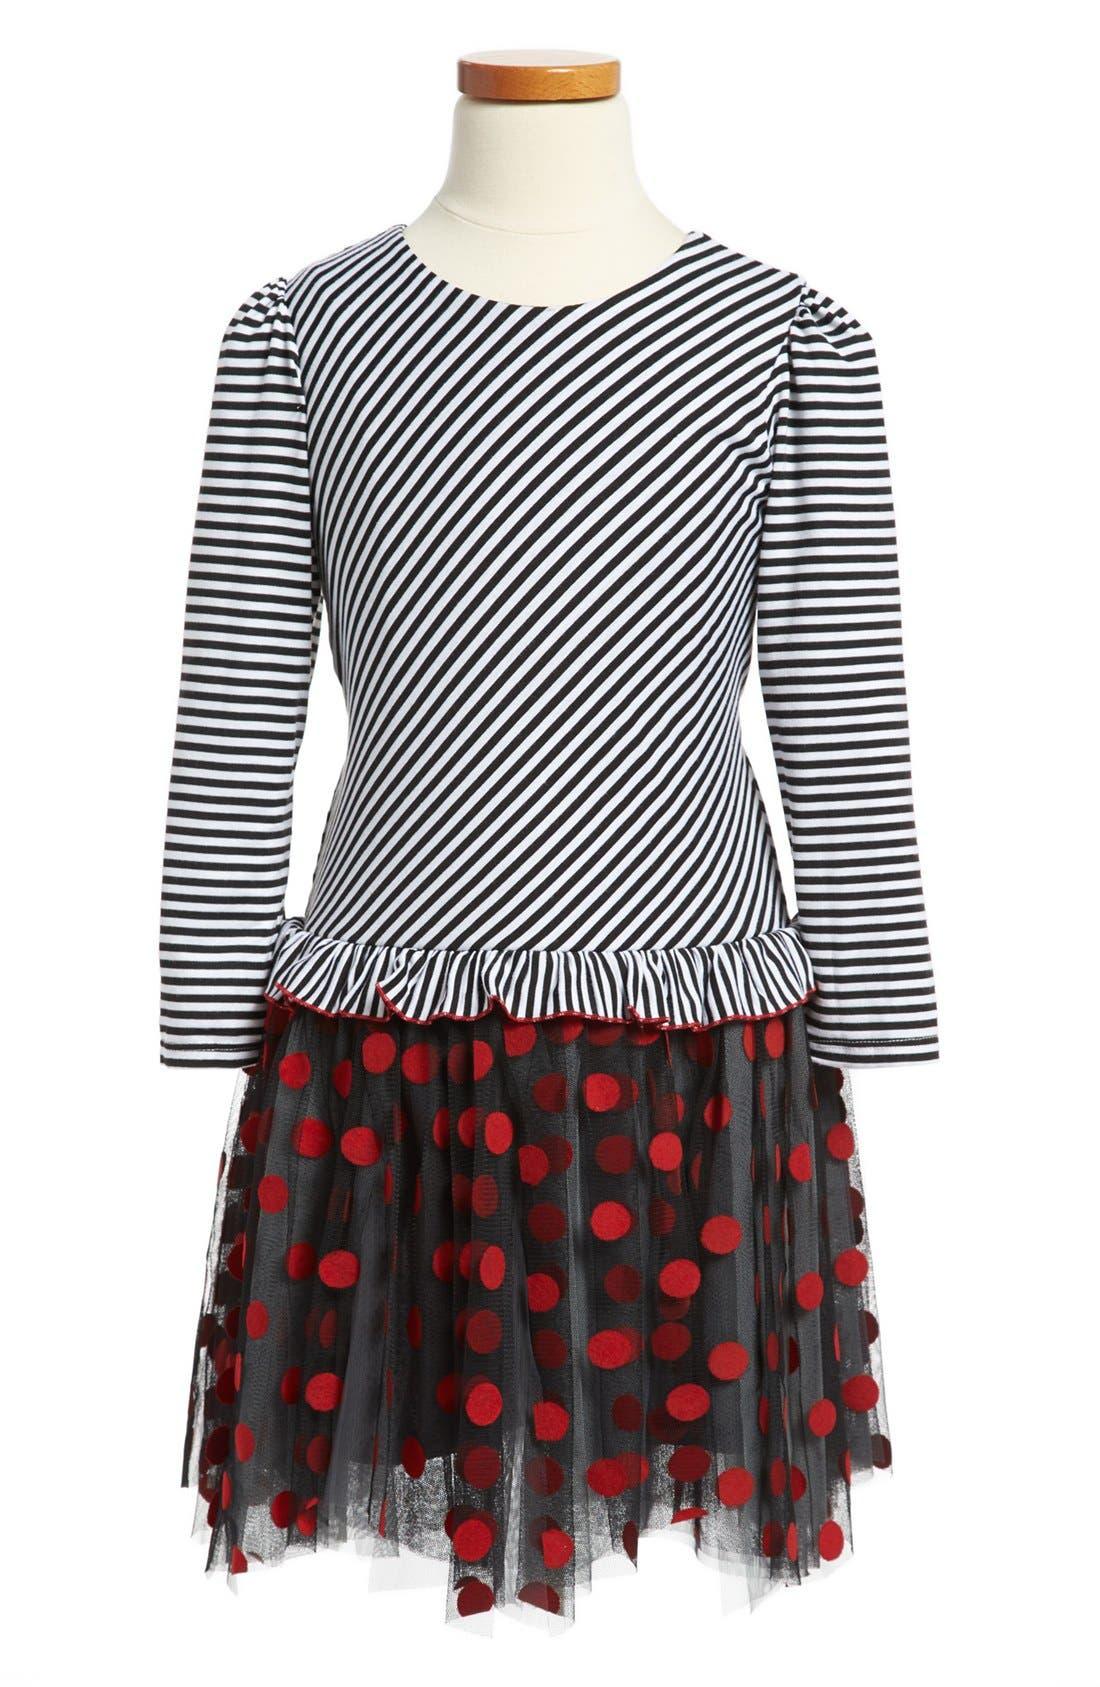 Main Image - Isobella & Chloe Tulle Dress (Little Girls & Big Girls)